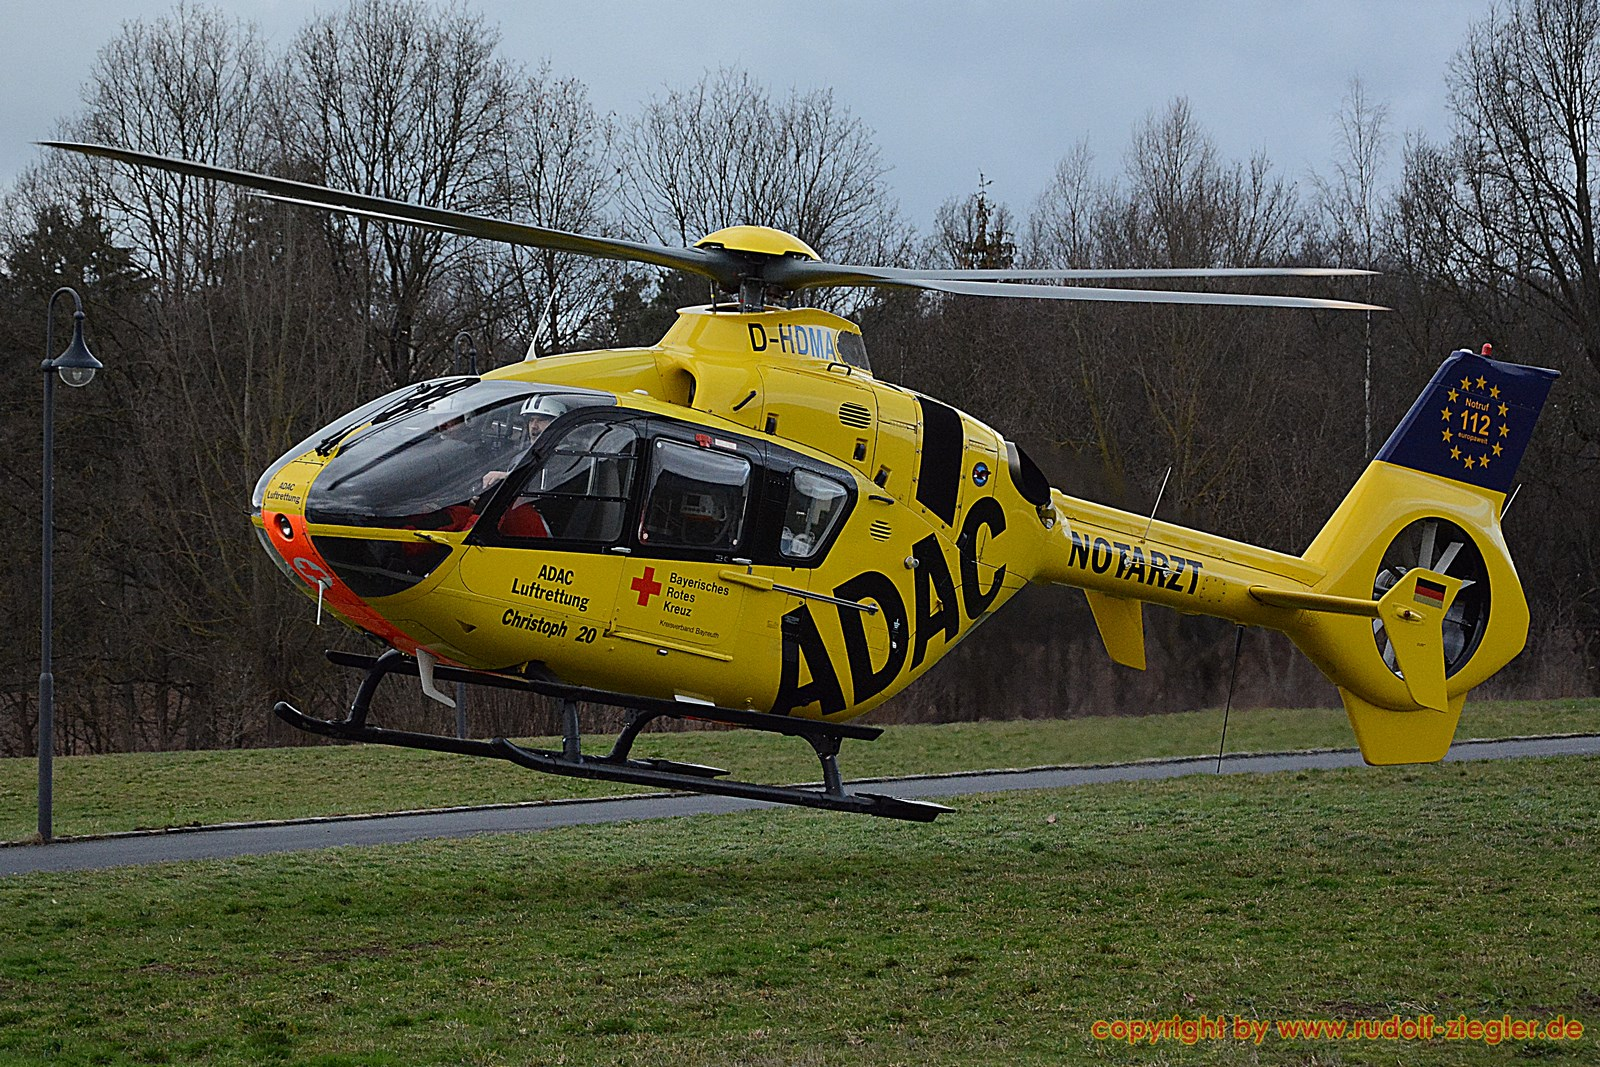 Christoph 20 010-A-S - 1600x1200